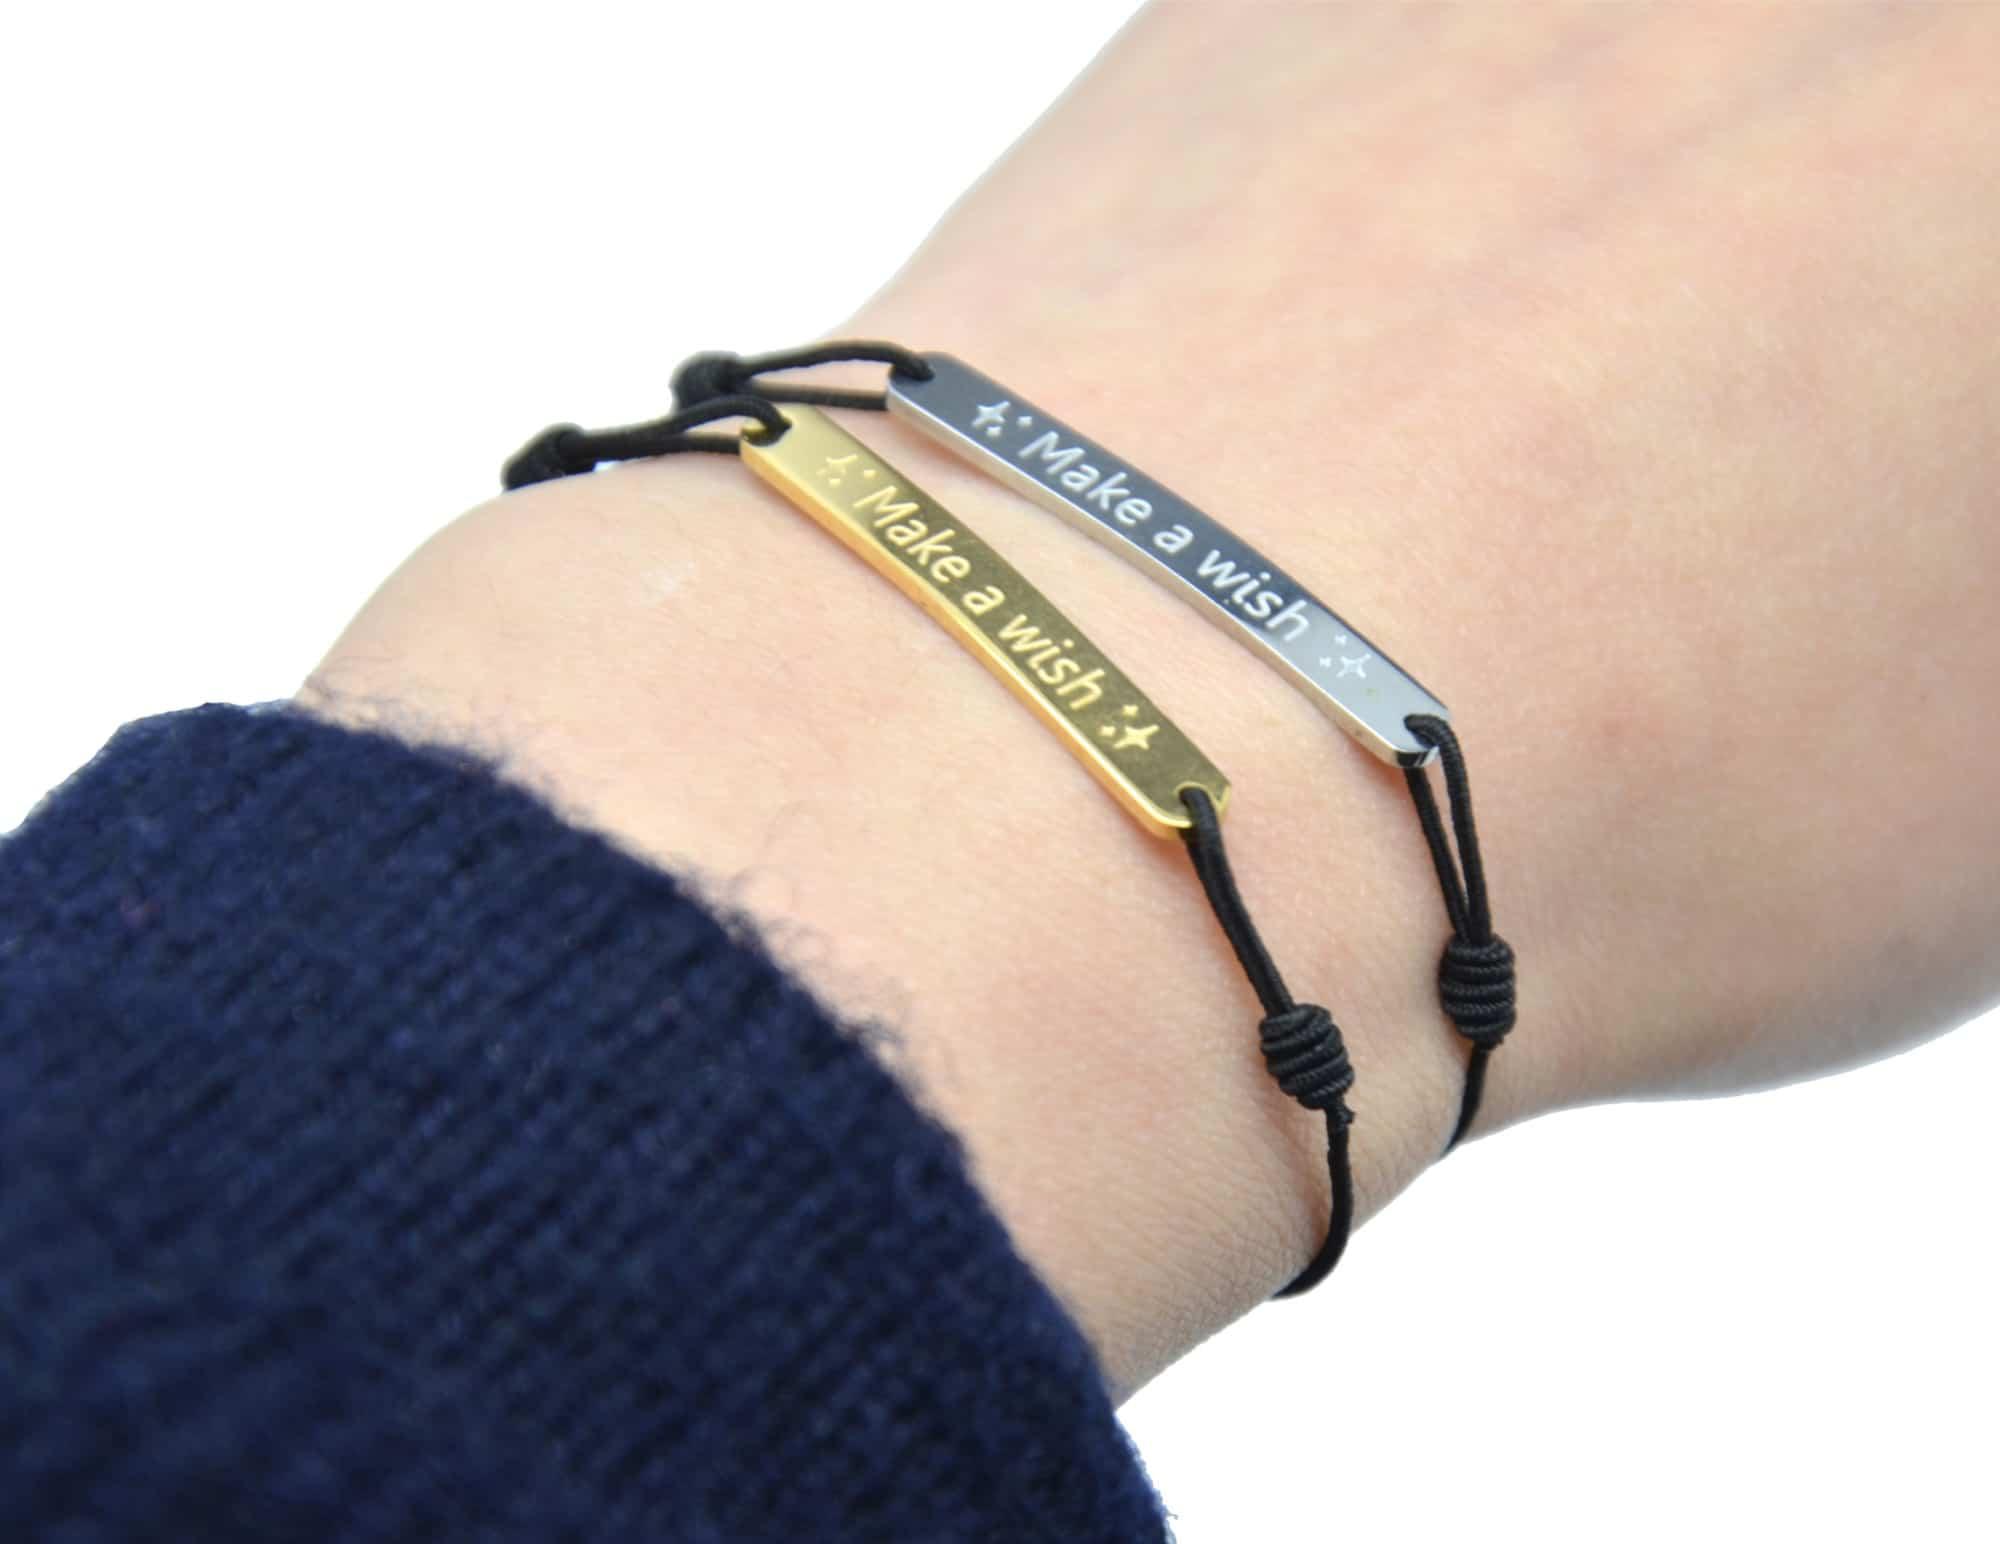 Bc2327d bracelet fil elastique noir avec charm message make a wish acier dor ebay - Fil elastique pour bracelet ...